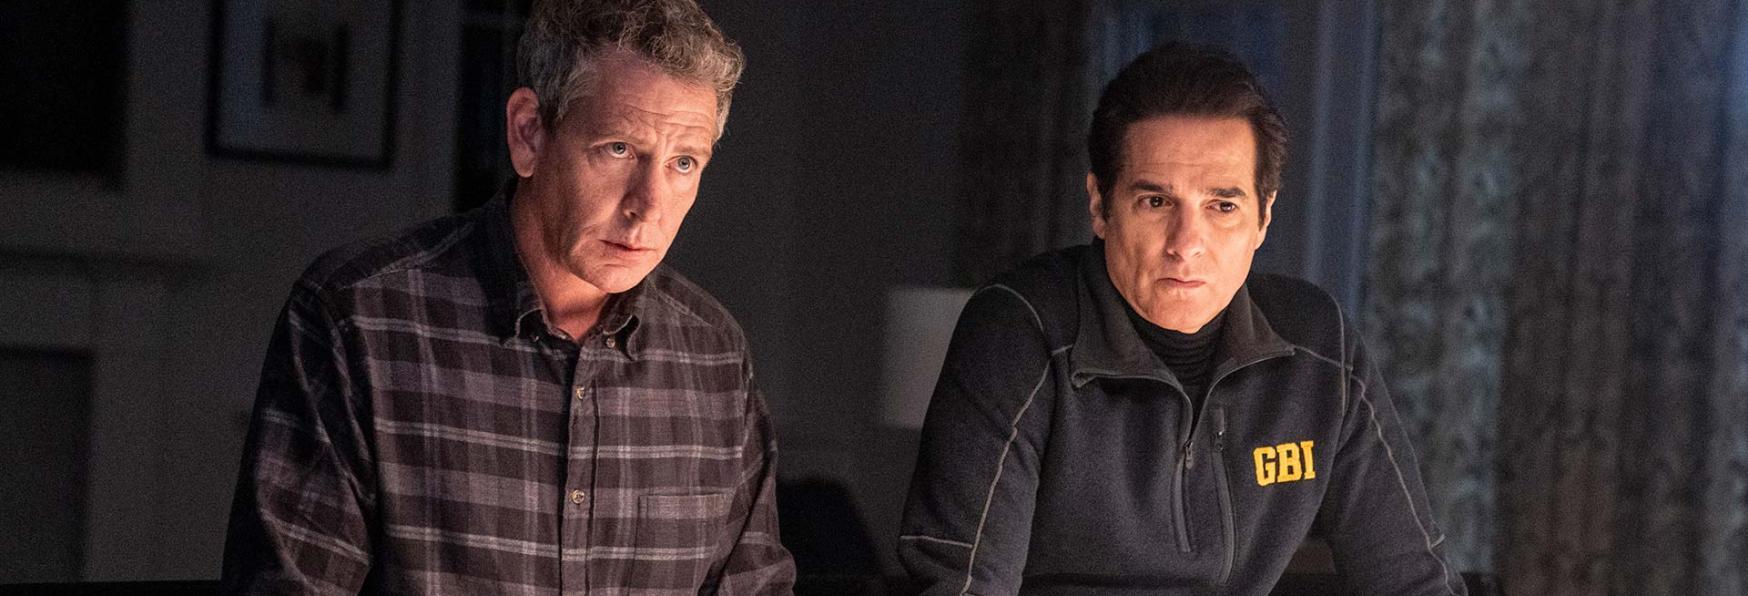 The Outsider: Ascolti Maggiori di True Detective e Watchmen per la Serie TV di HBO